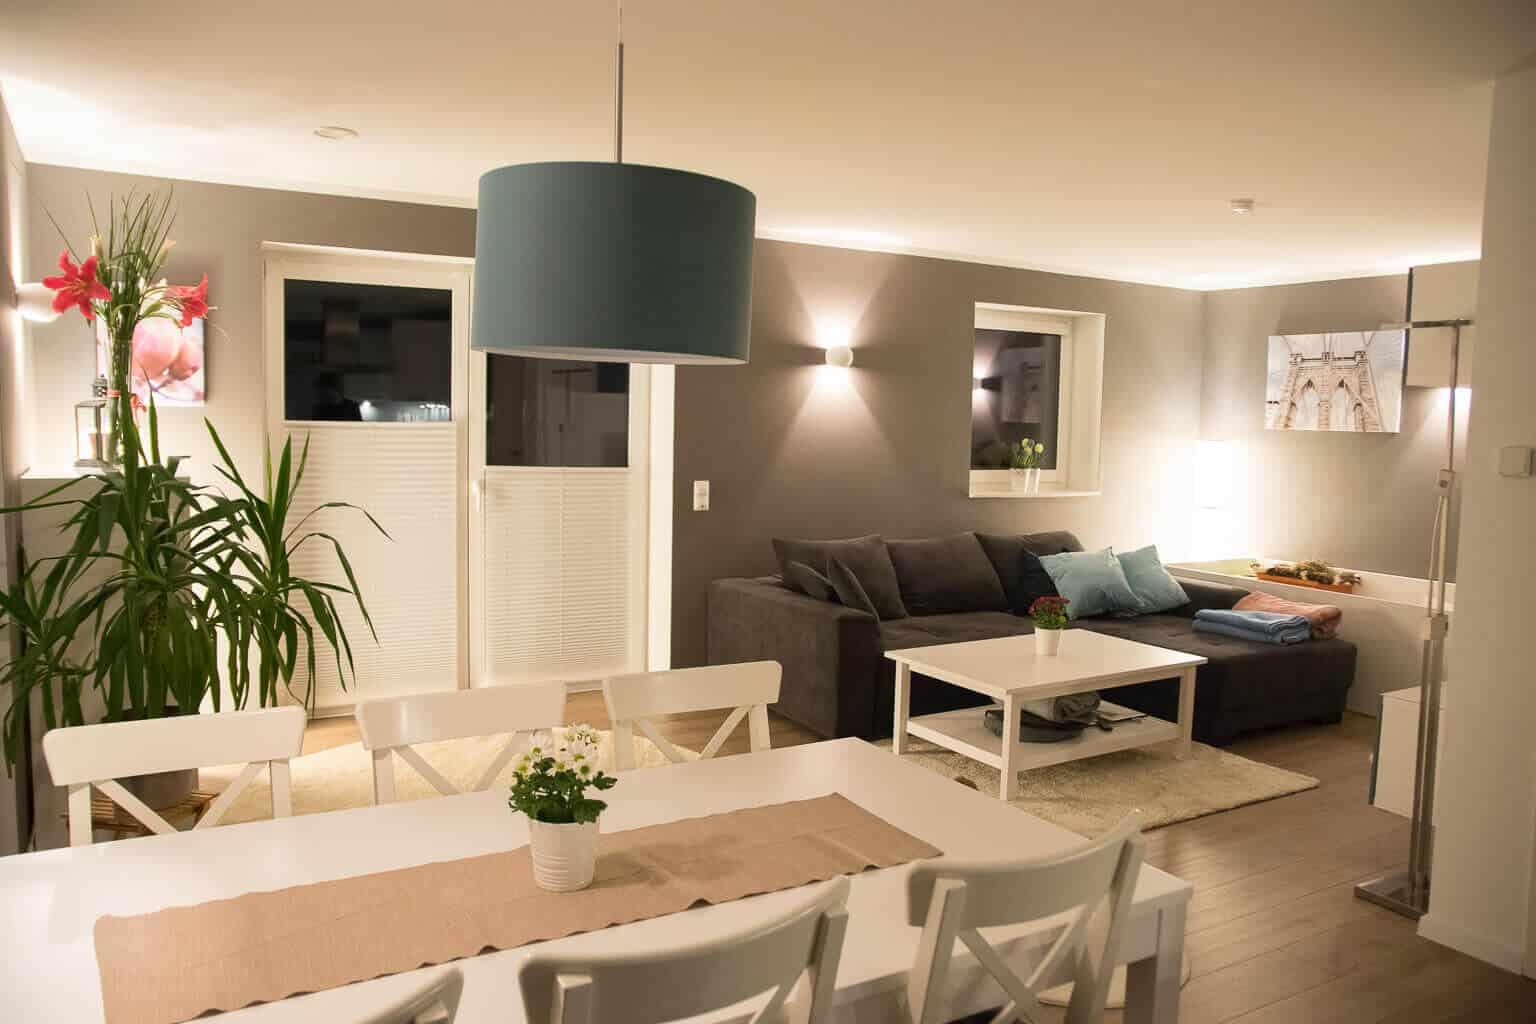 wohnzimmer streichen nach zwei jahren lust auf was neues. Black Bedroom Furniture Sets. Home Design Ideas